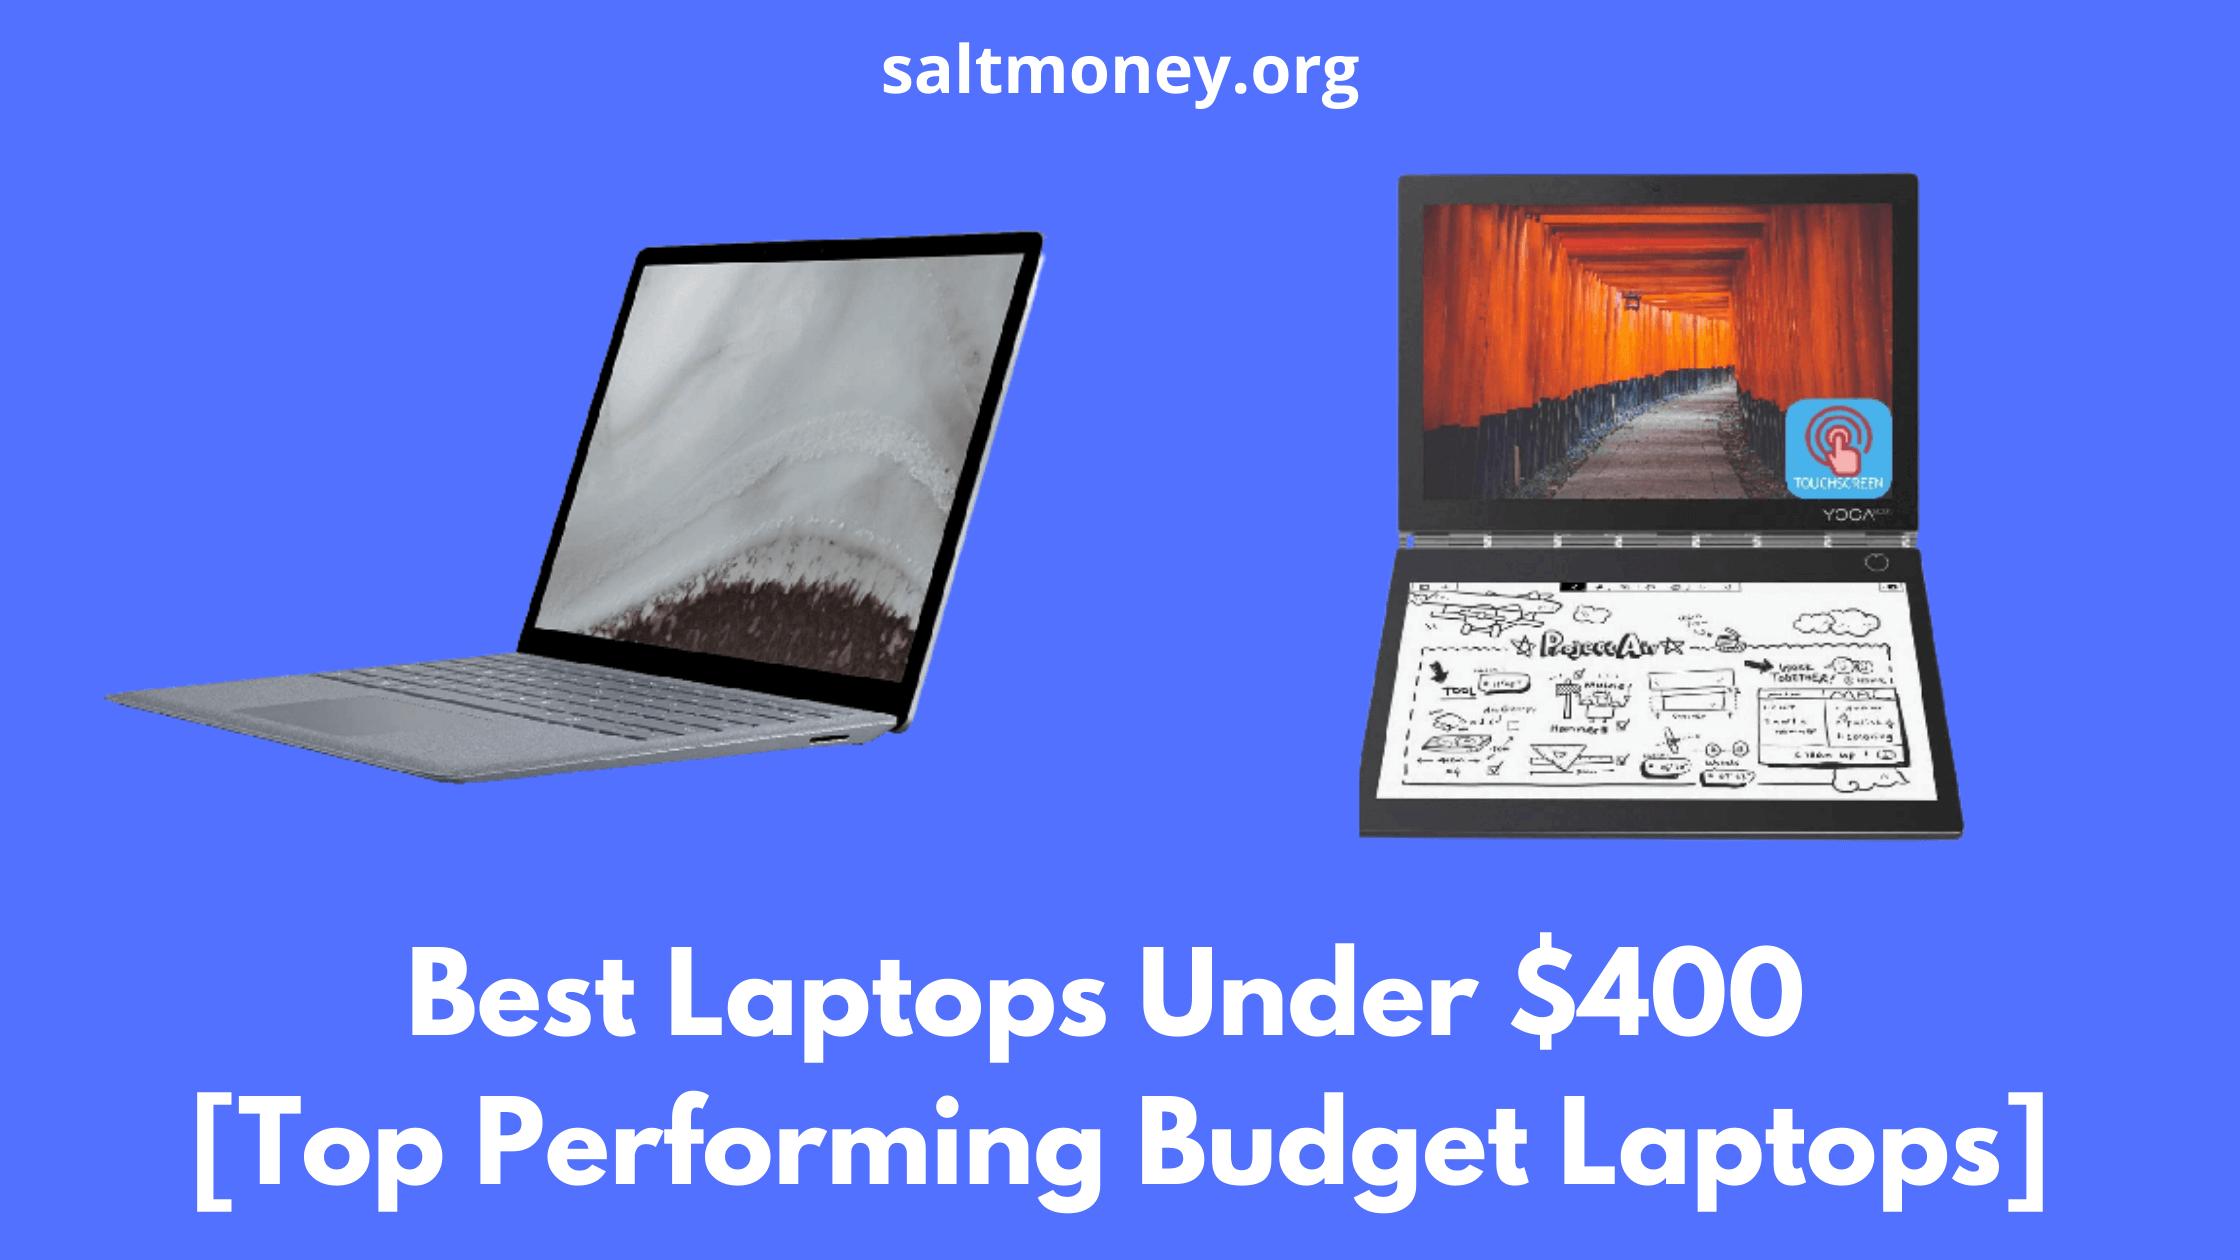 Best Laptops Under $400